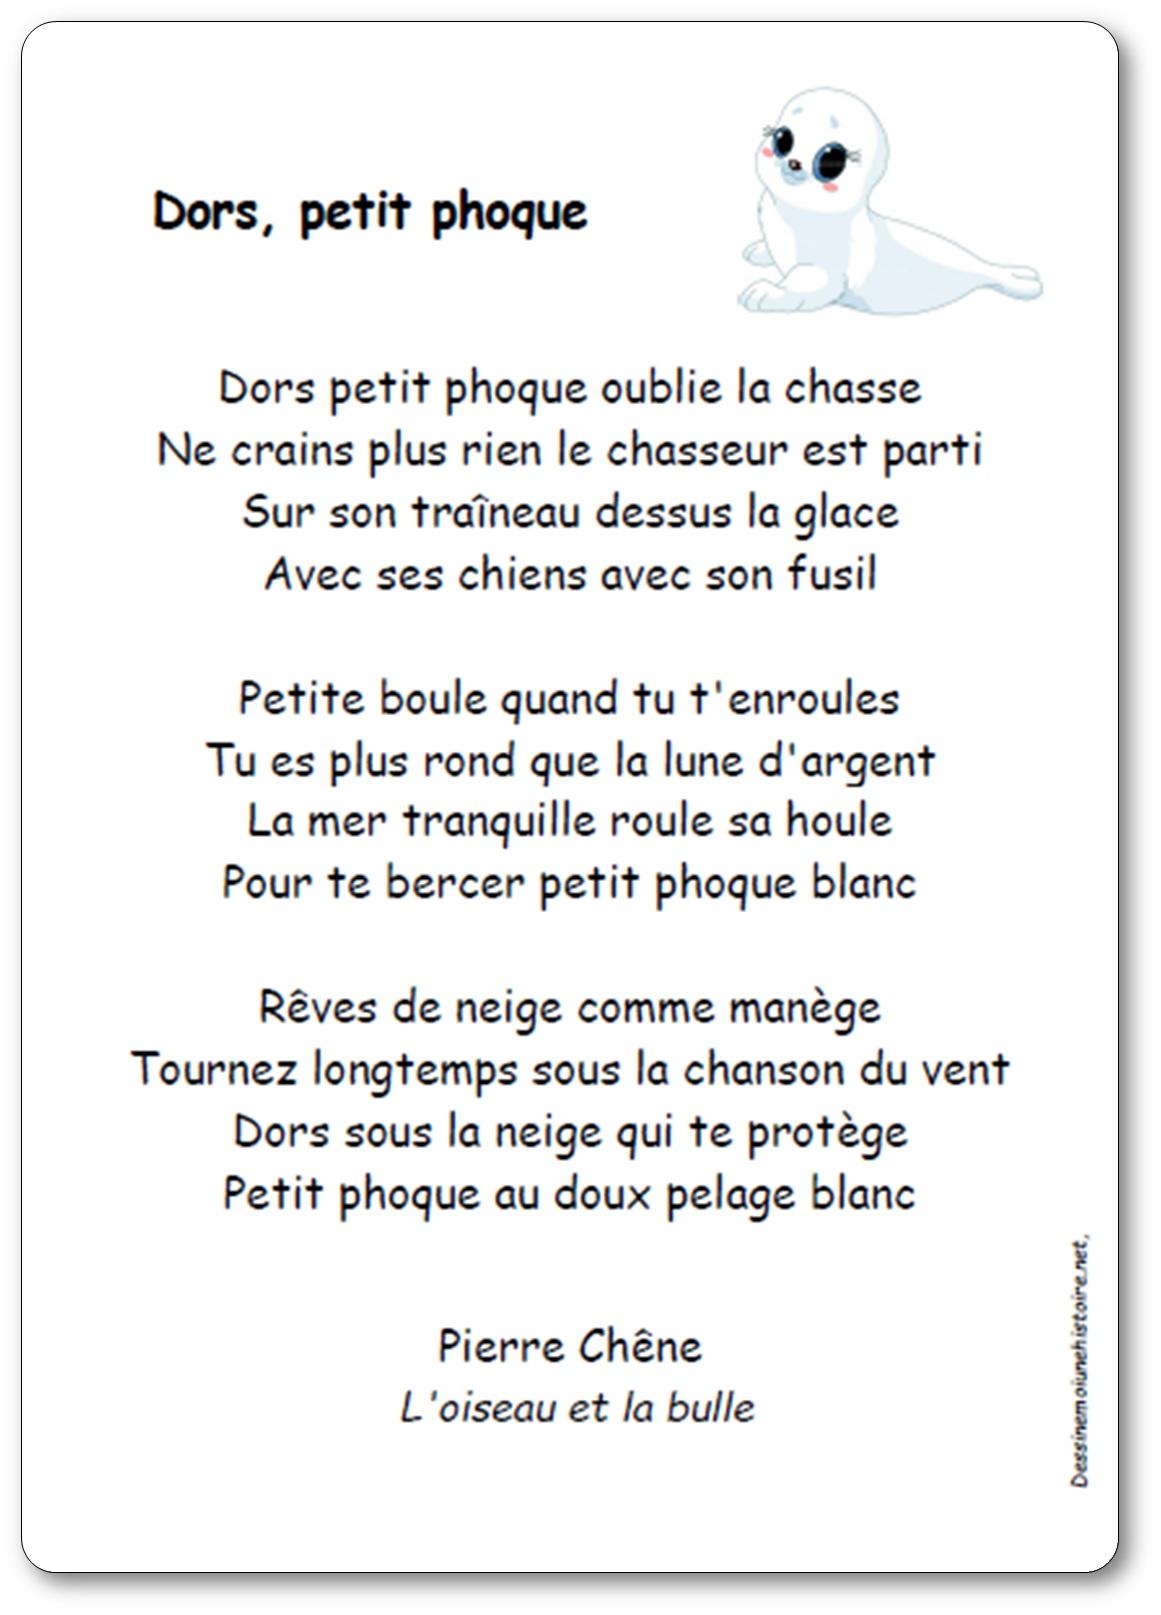 Dors Petit Phoque De Pierre Chêne Paroles Illustrées De La Chanson Dors Petit Phoque